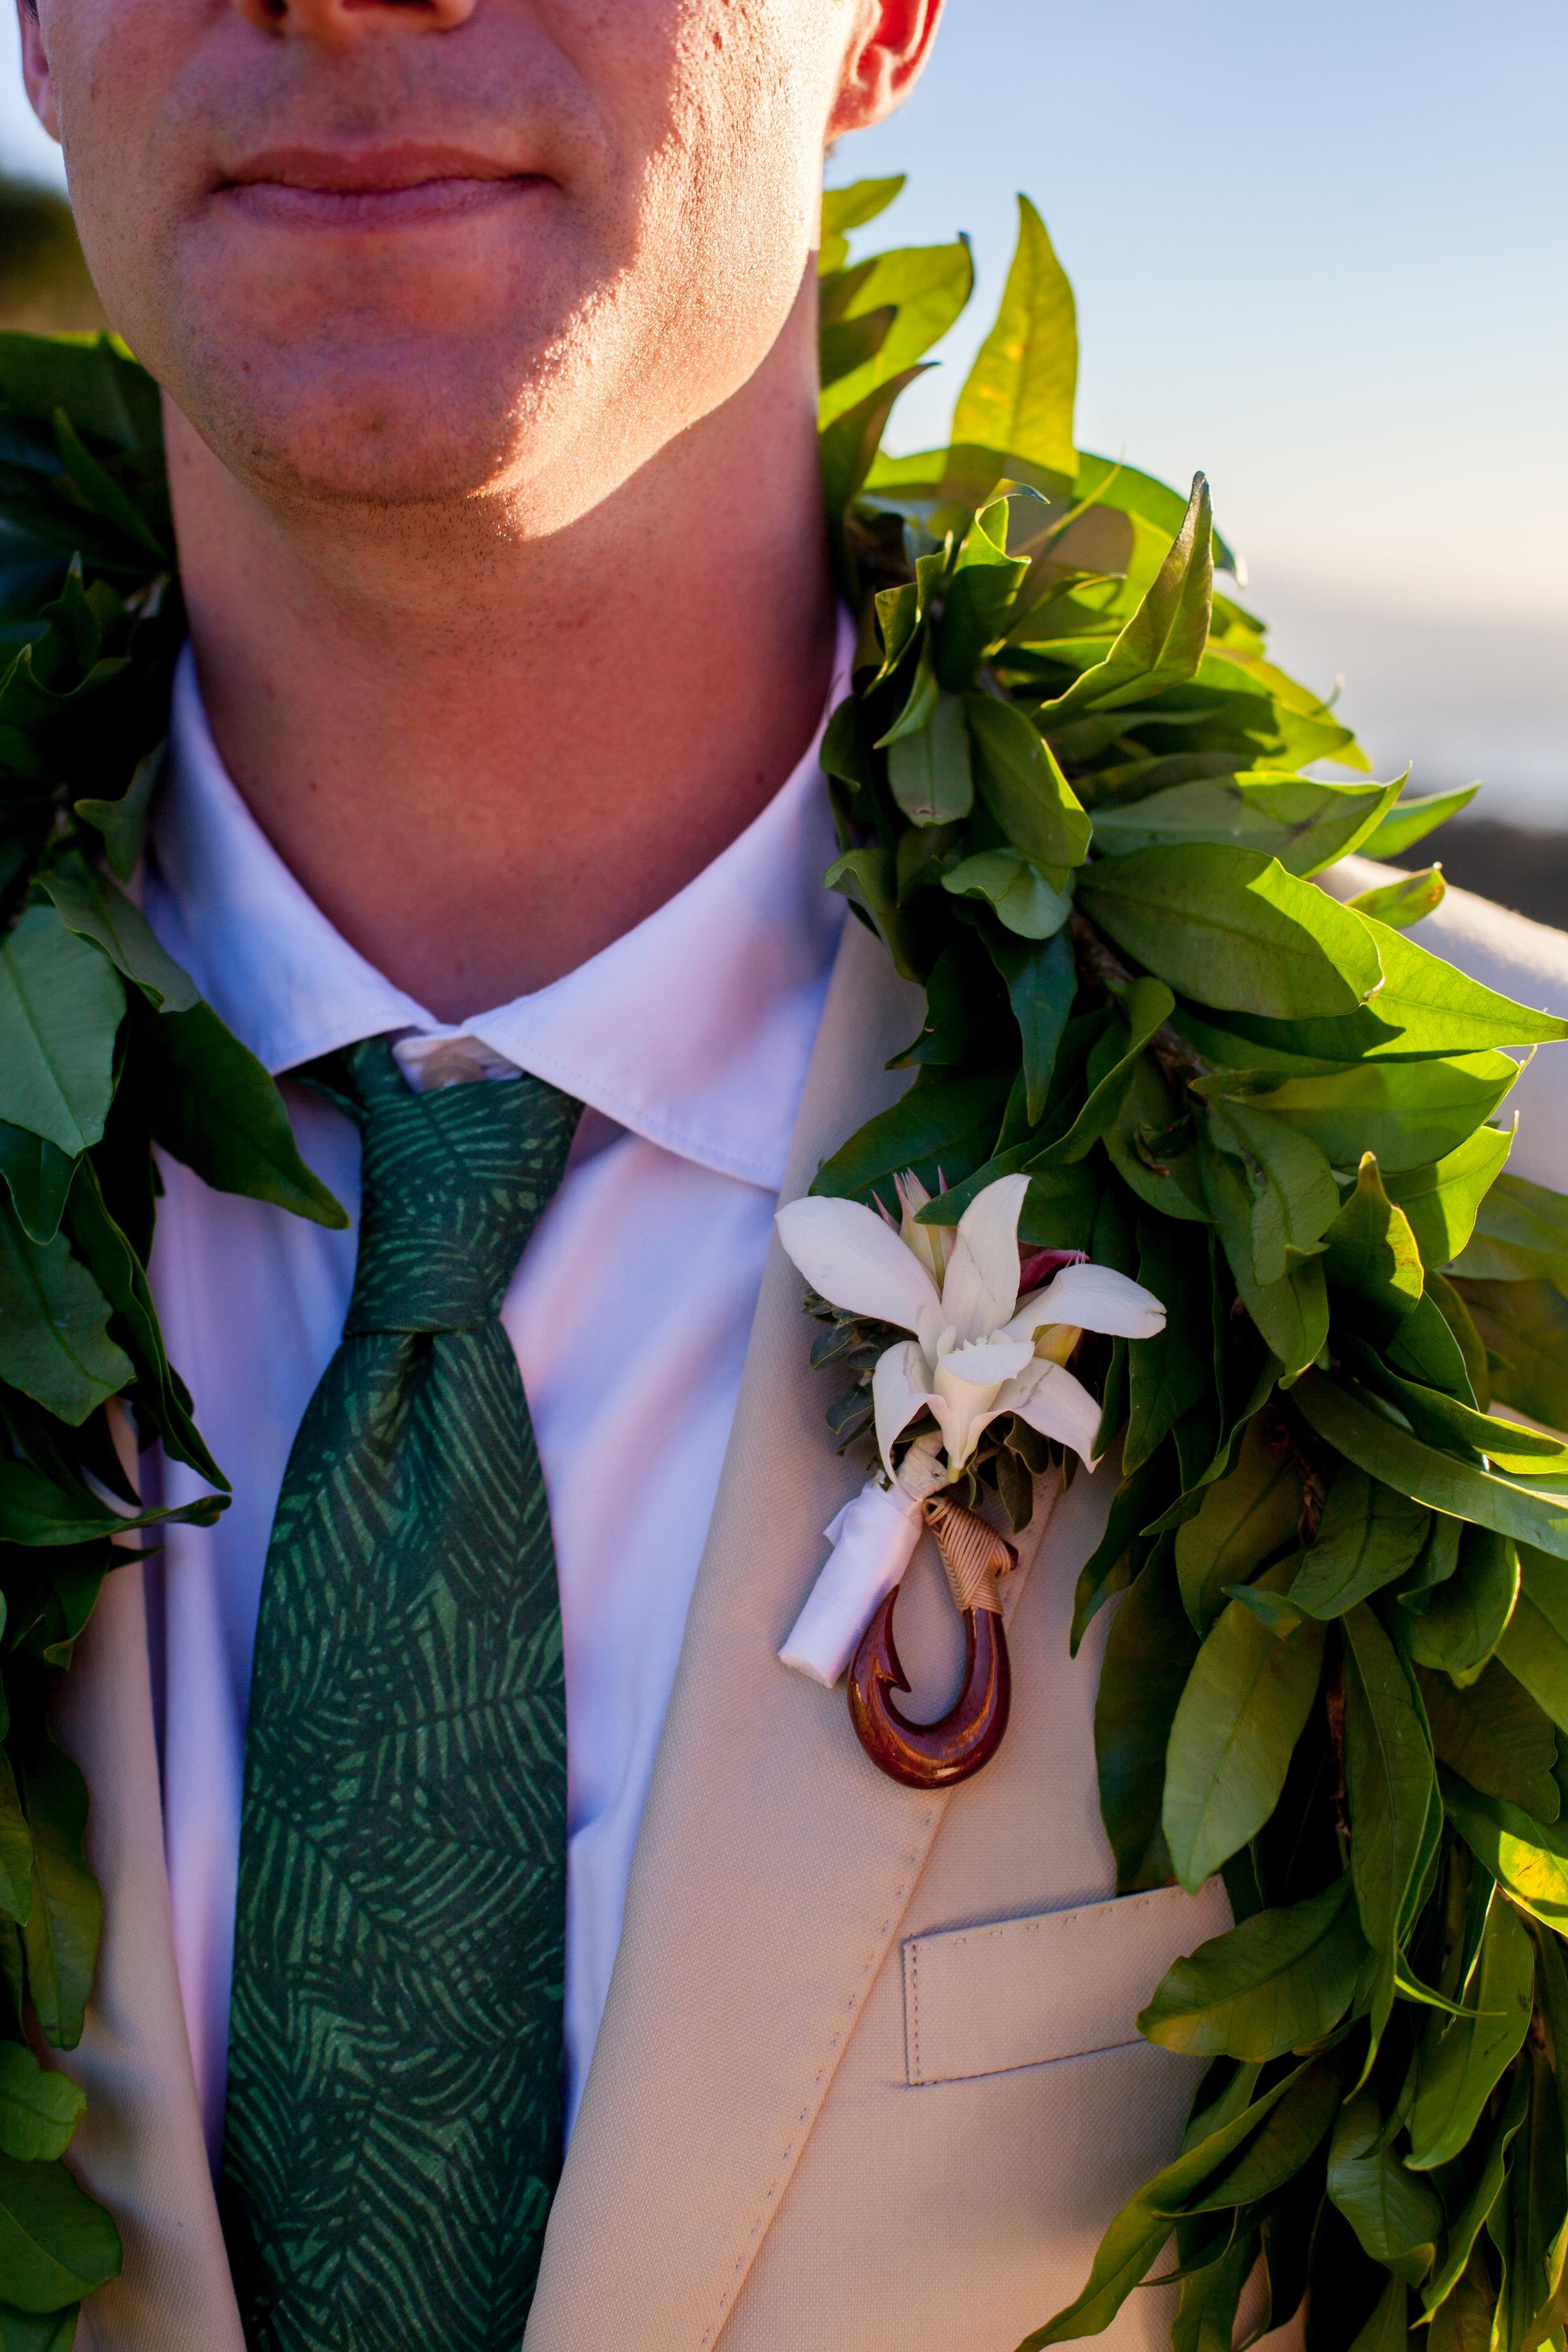 big island hawaii kahua ranch wedding © kelilina photography 20170106174011.jpg